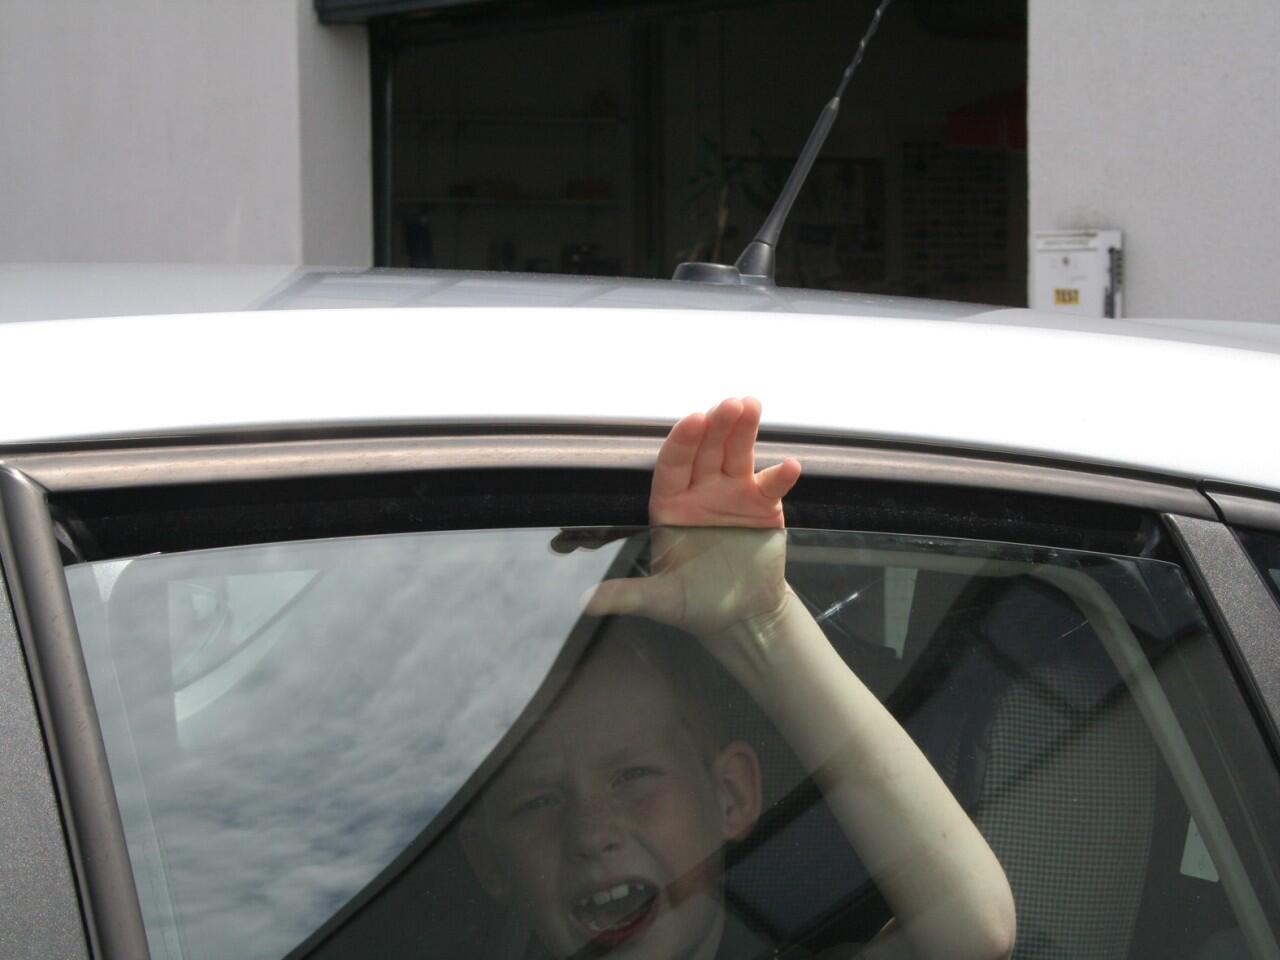 Bild zu Ohne Einklemmschutz an Autofenstern besteht Verletzungsgefahr